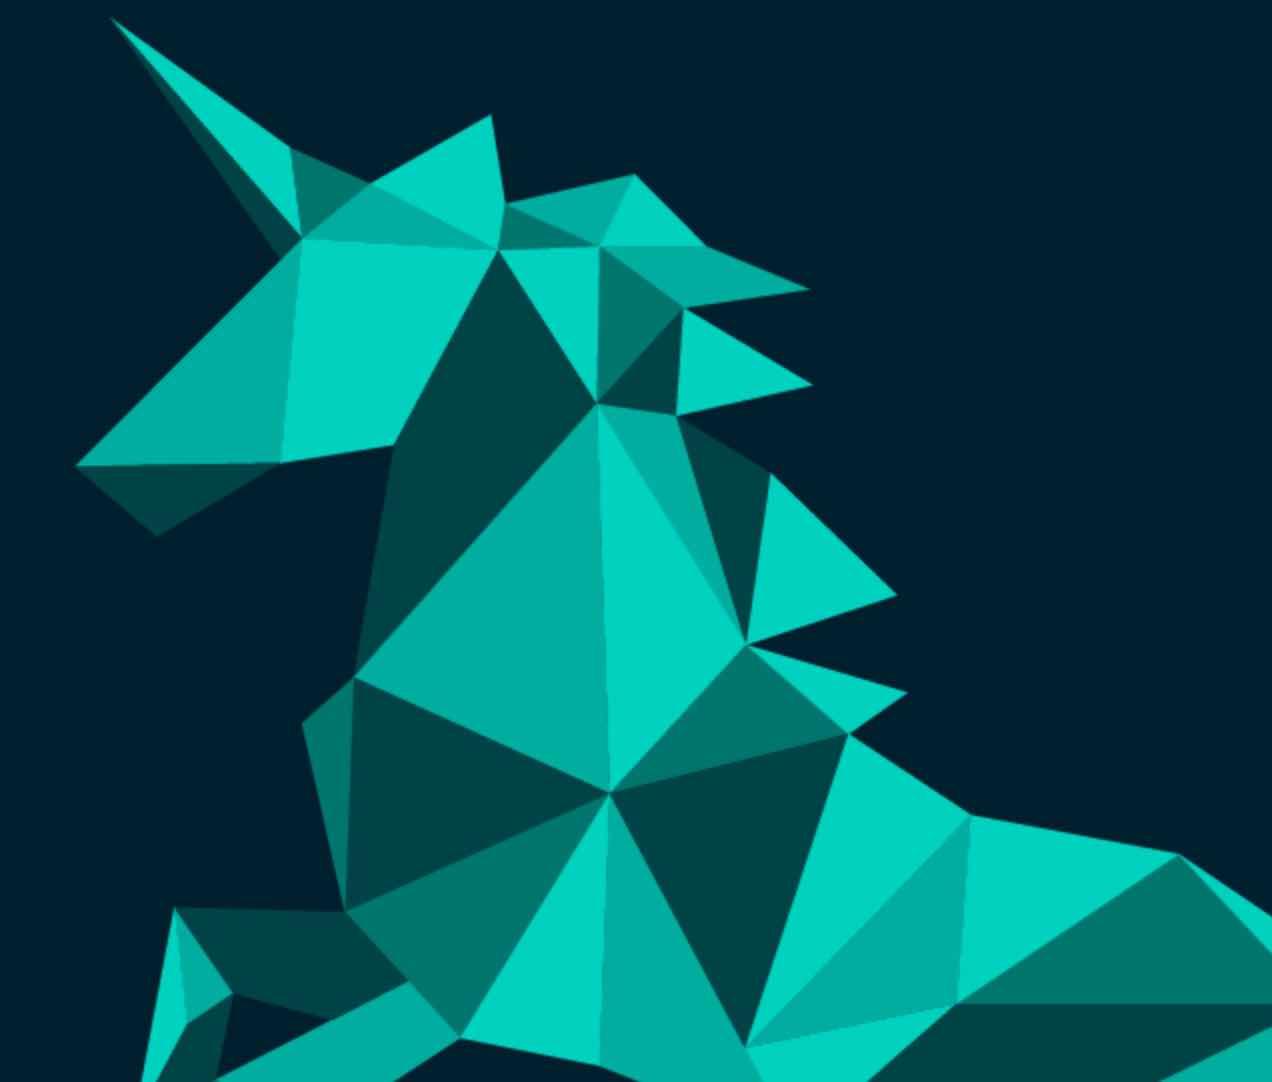 Economía brasileña, Unicornios, Startups, Entrepreneurship